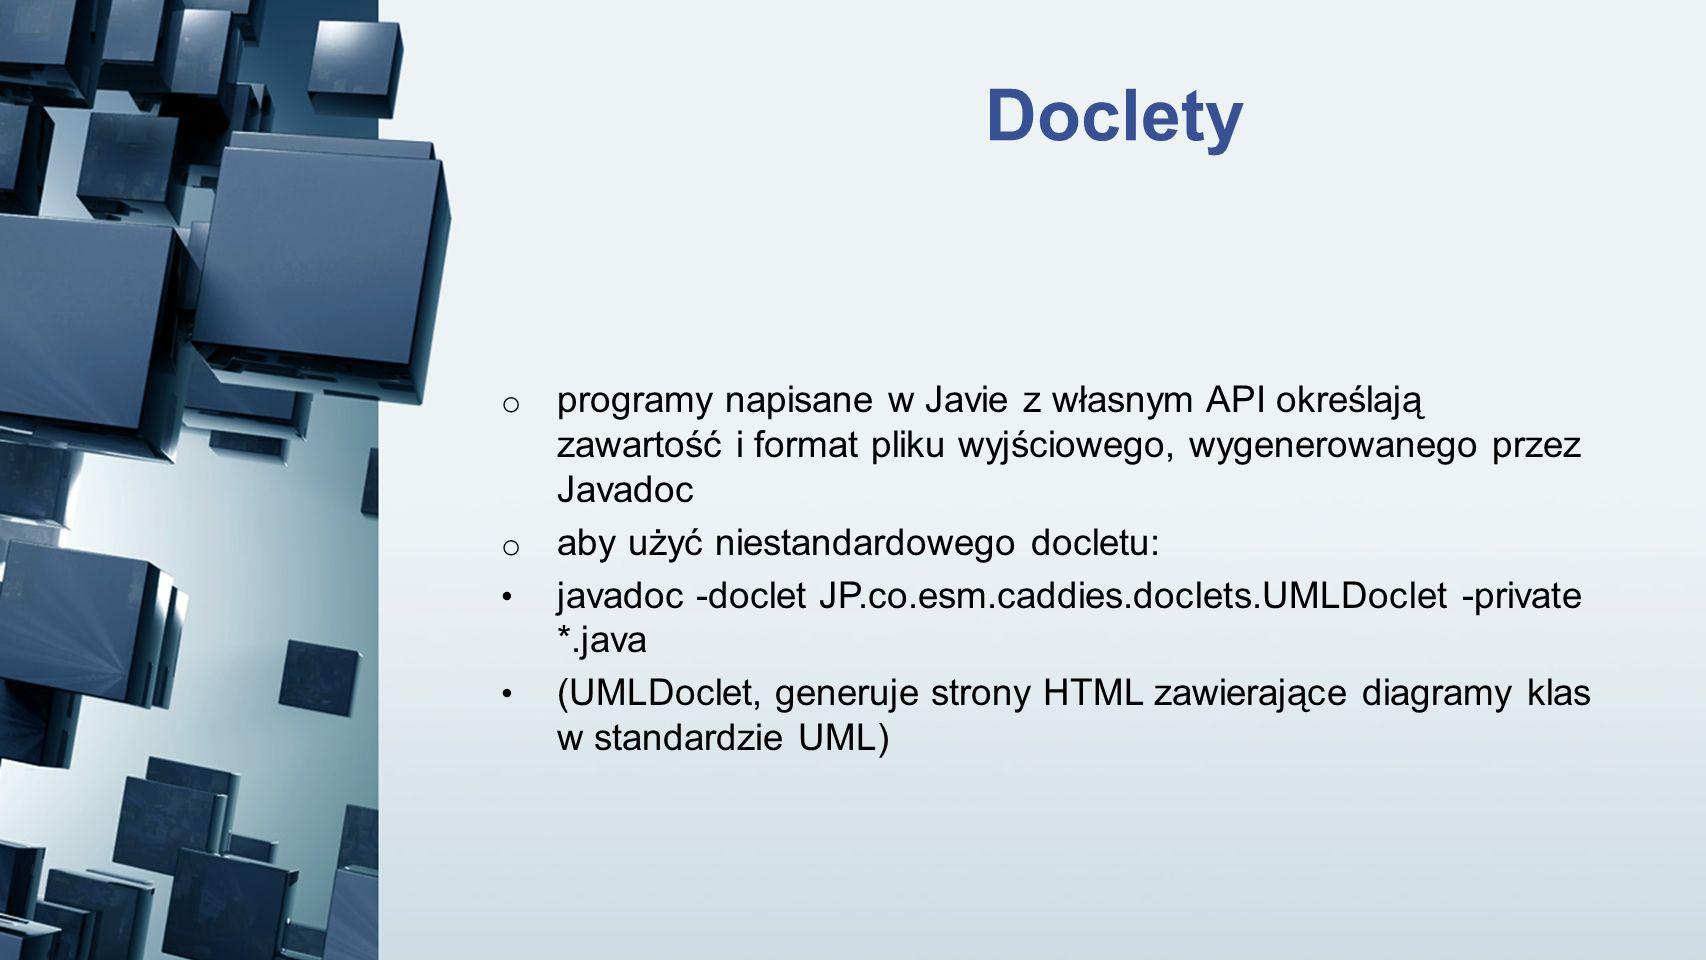 Doclety programy napisane w Javie z własnym API określają zawartość i format pliku wyjściowego, wygenerowanego przez Javadoc.